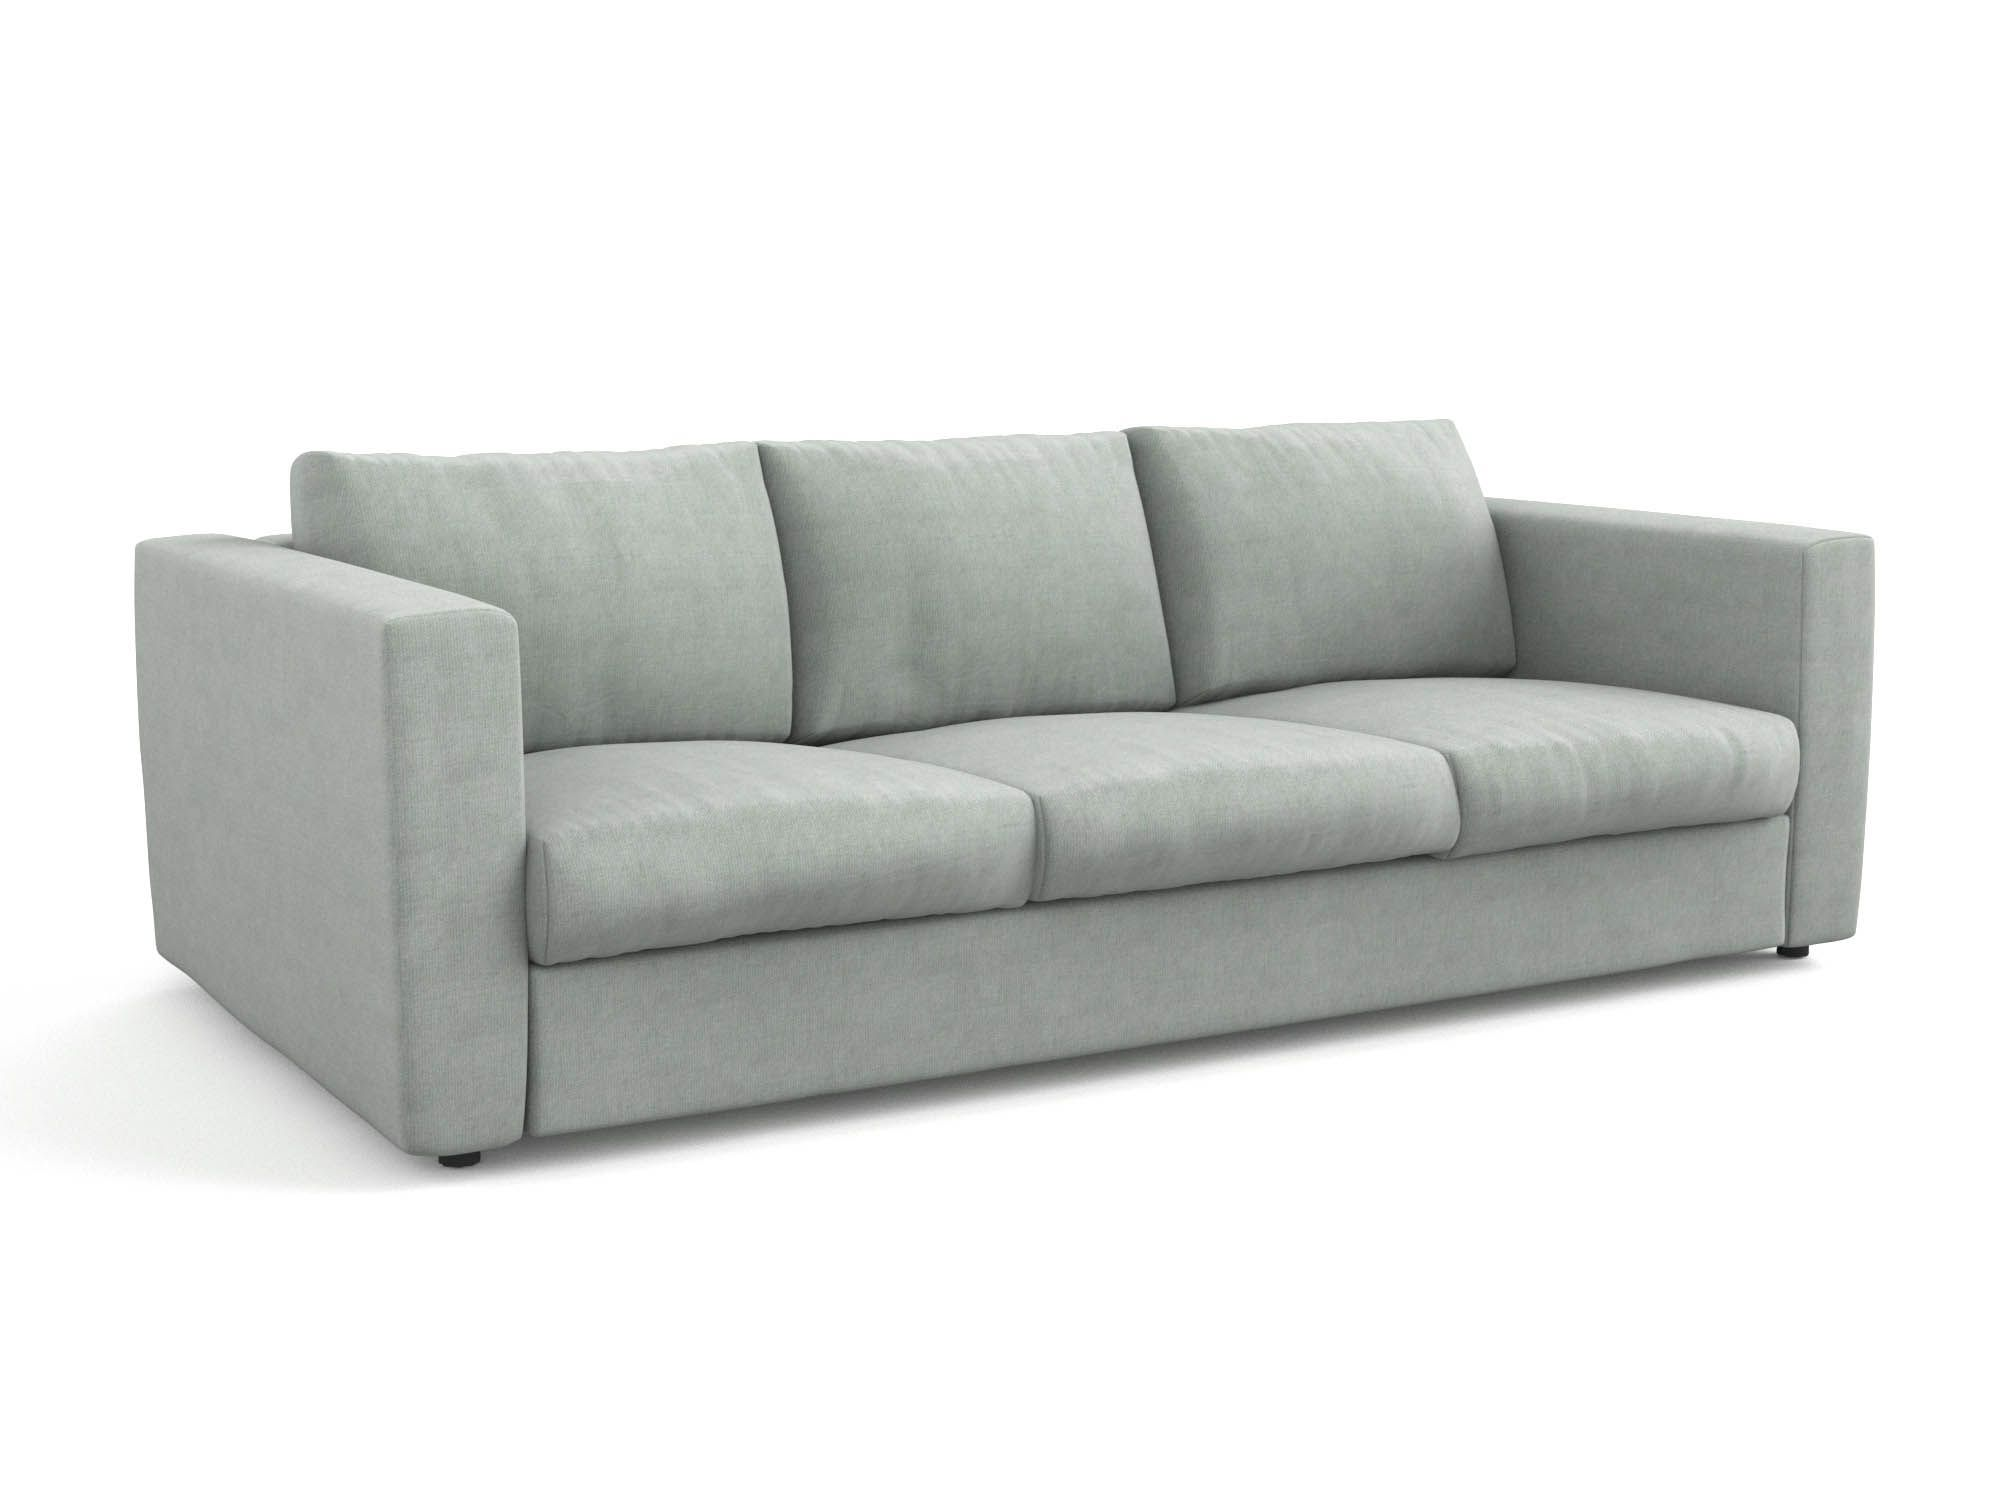 Vimle pokrowiec na sofę 3- osobową rozkładaną